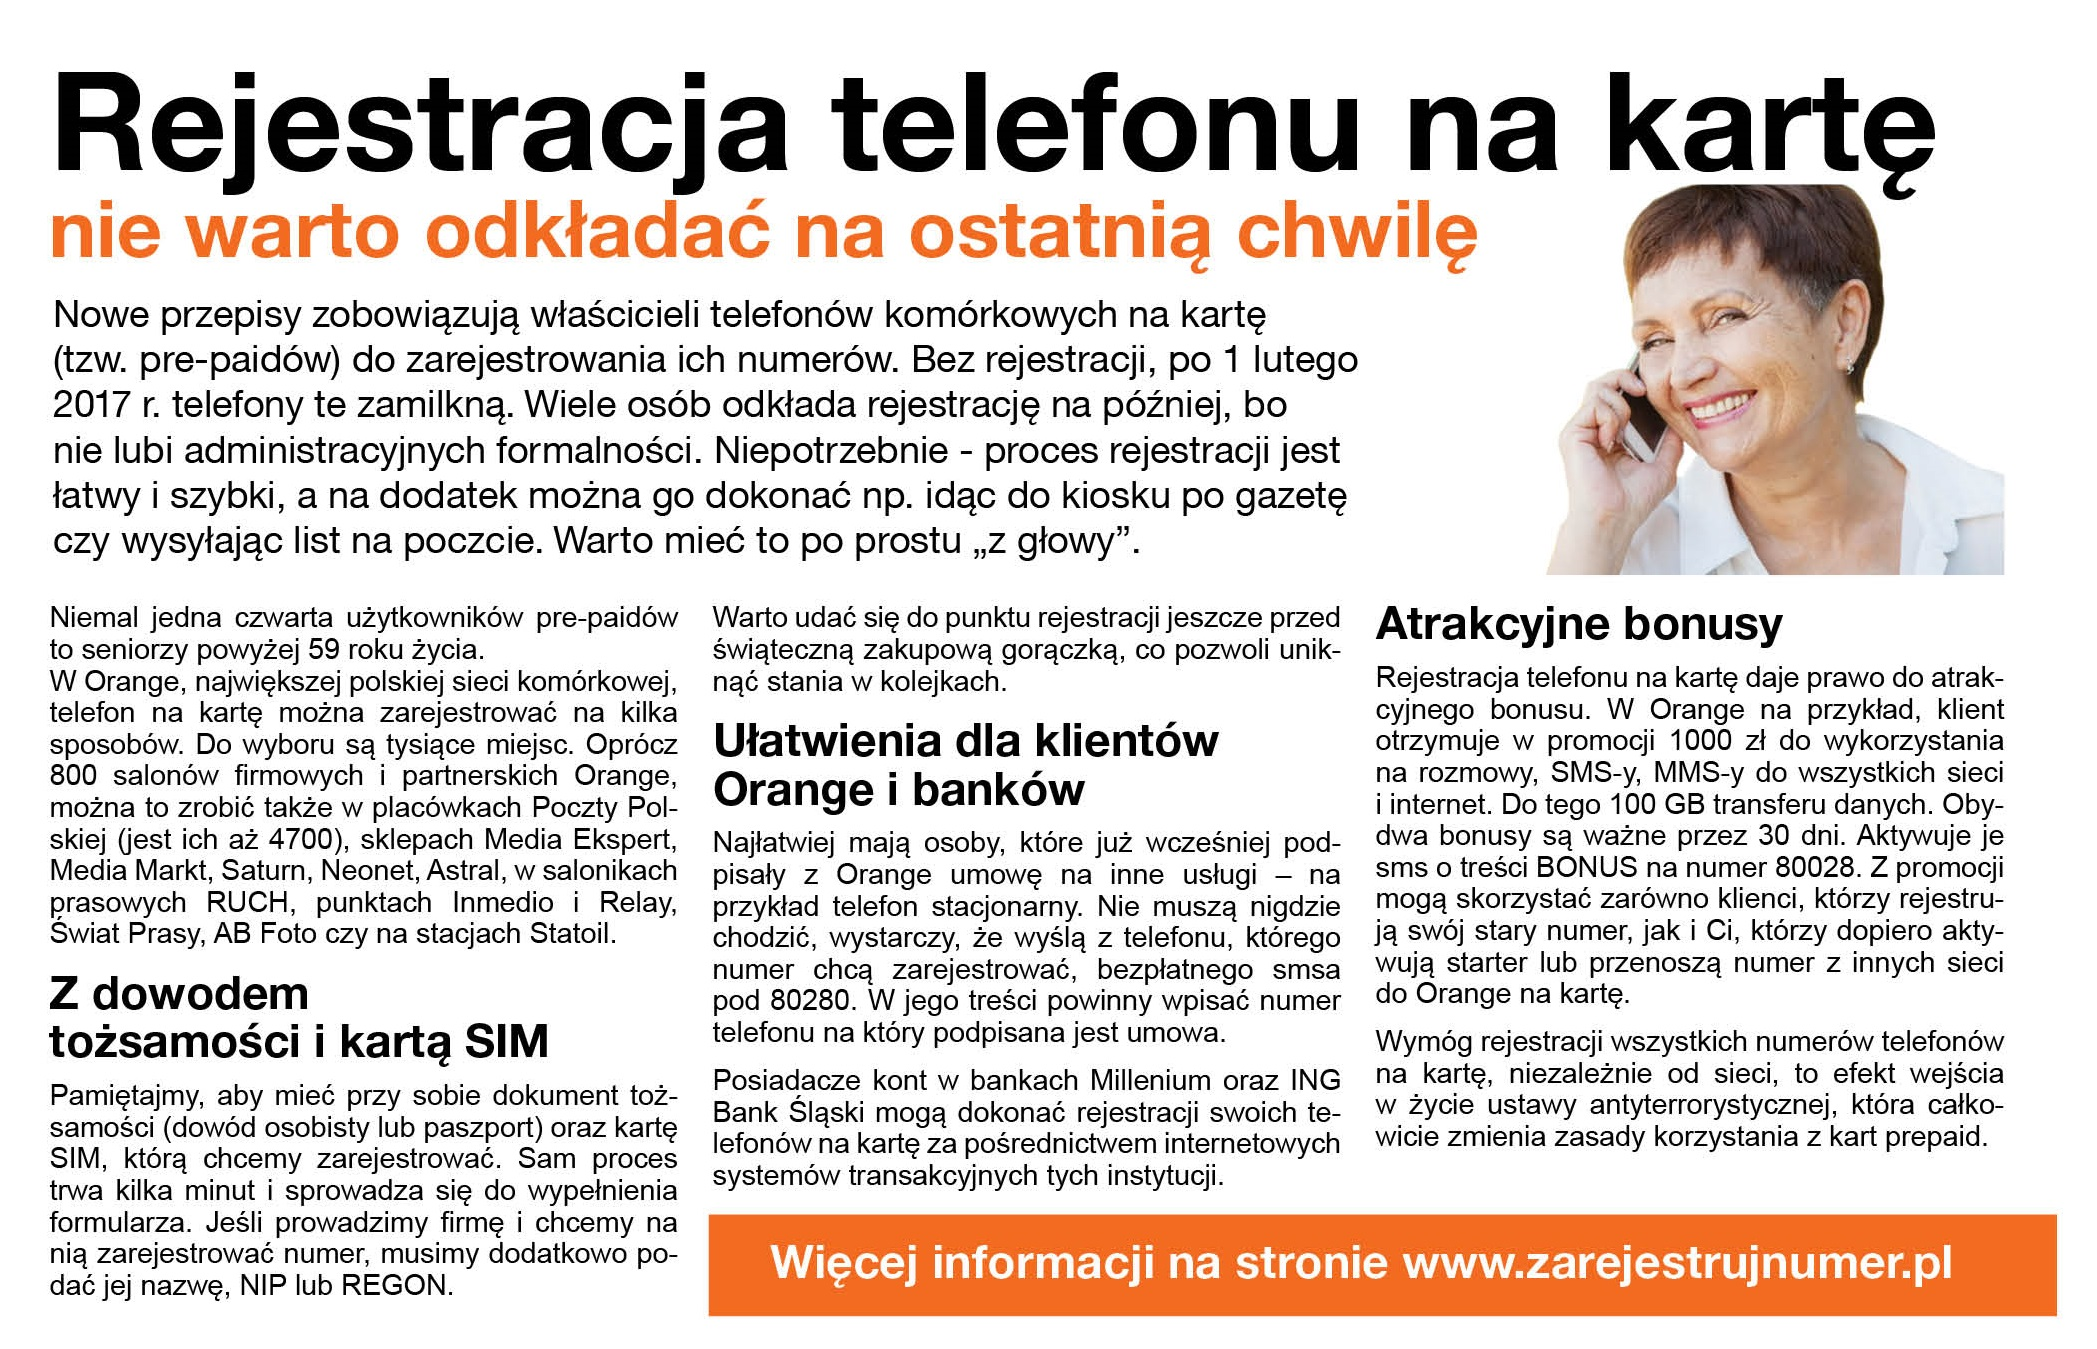 Orange_rejestracja telefonu na kartę